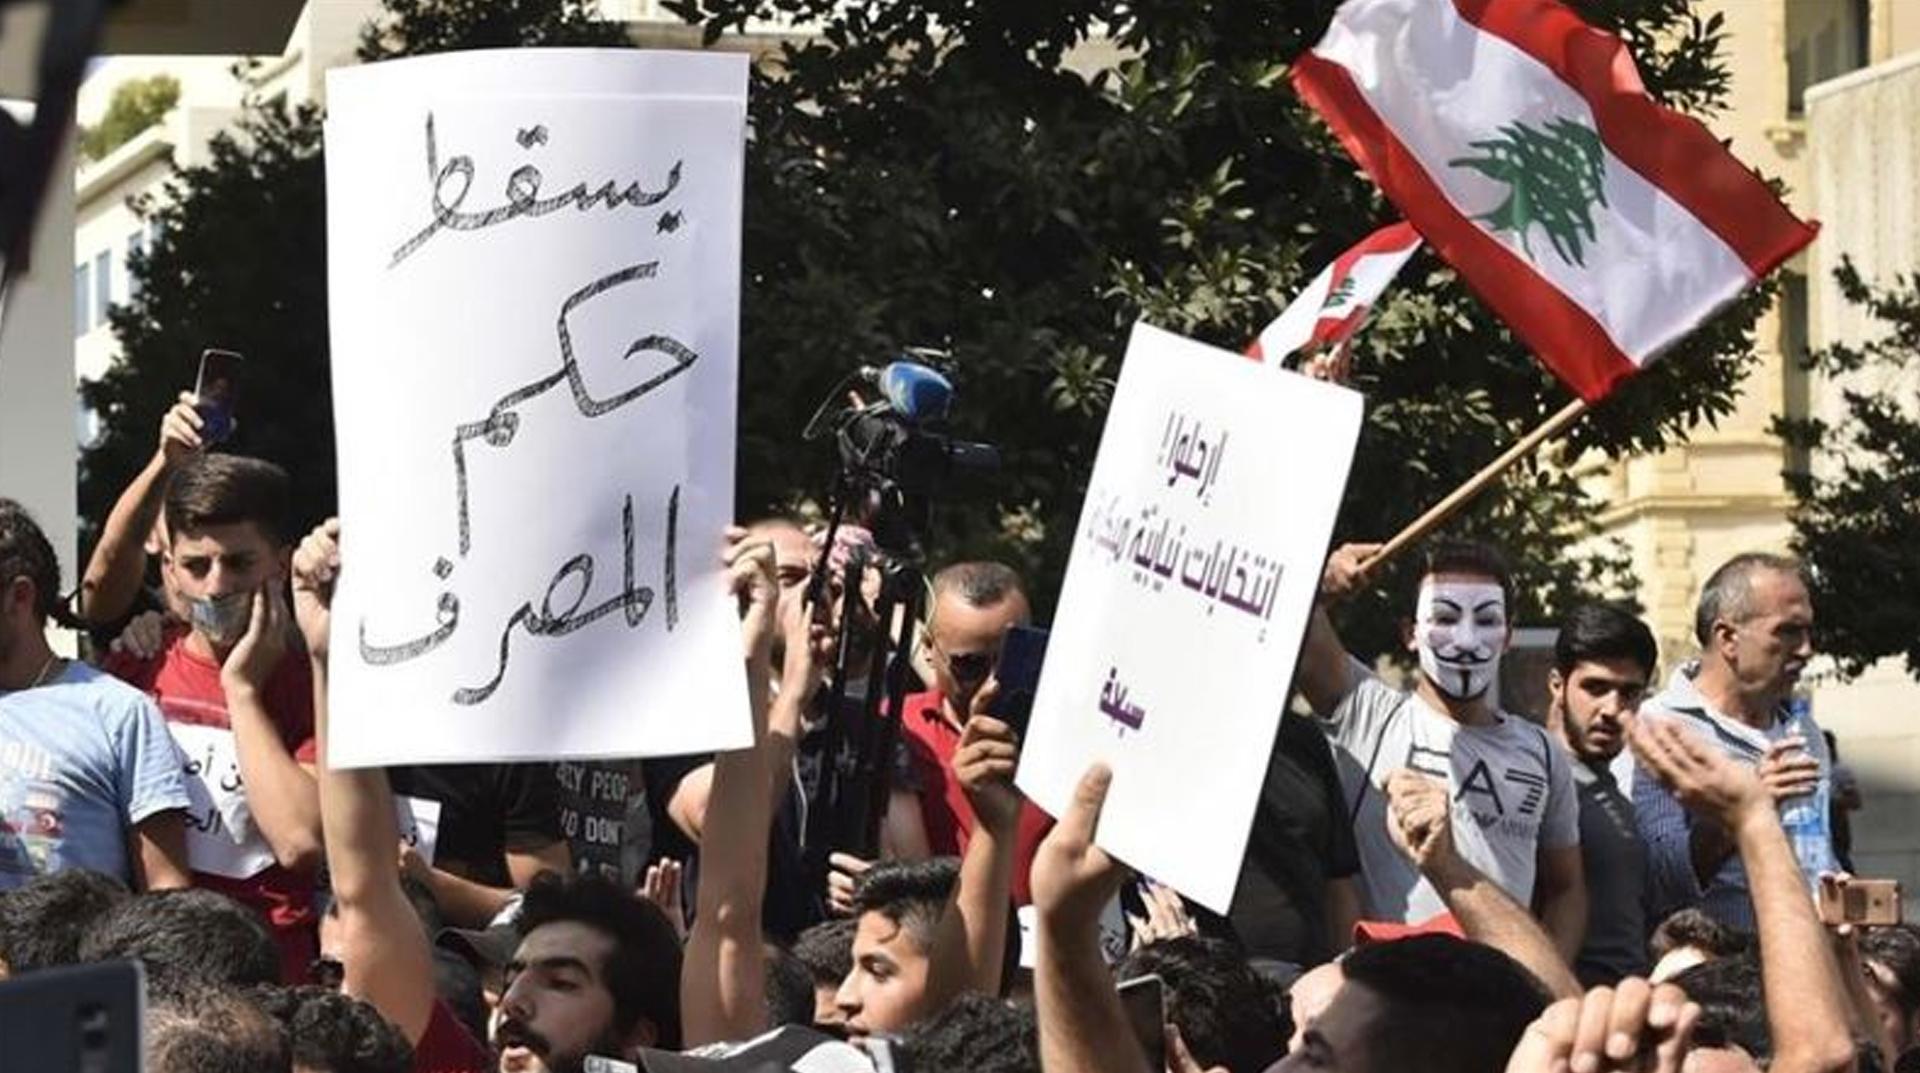 Lübnan'daki gösterilerde çok sayıda kişi gözaltına alındı